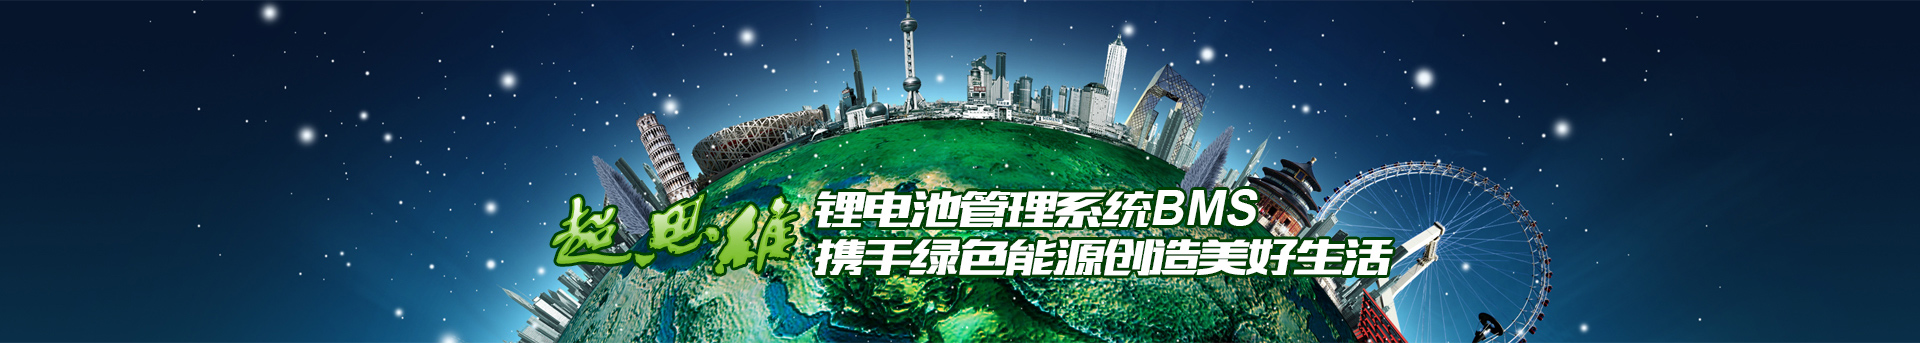 深圳市超思維電子股份有限公司